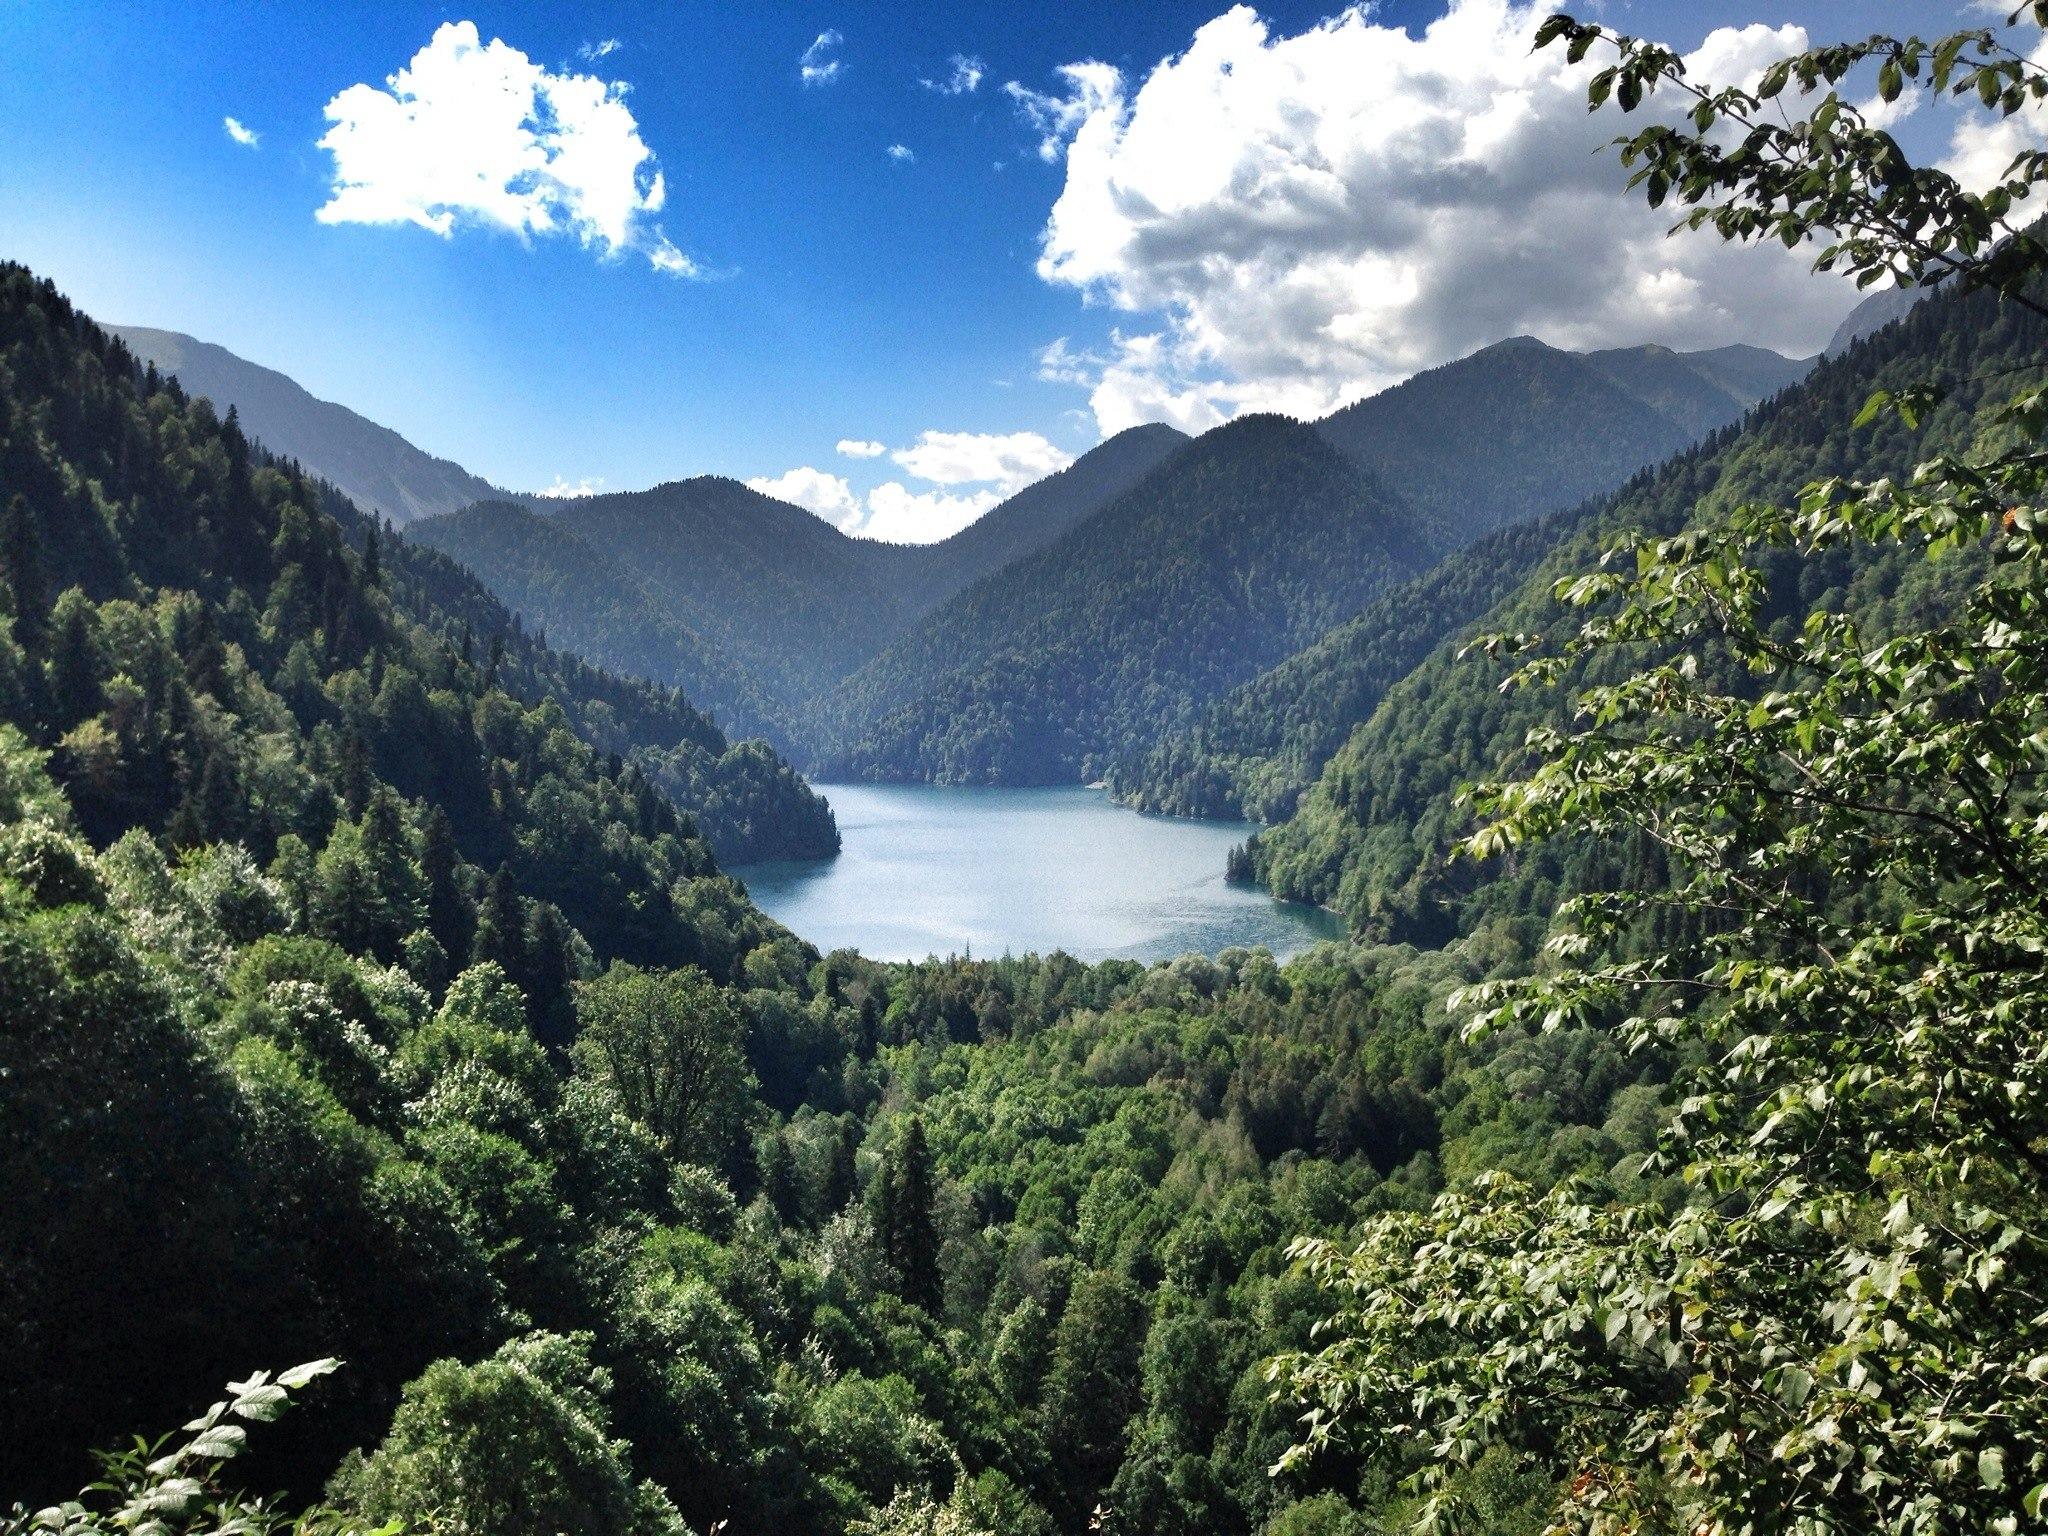 Несколько кадров дня: Абхазия и озеро Рица